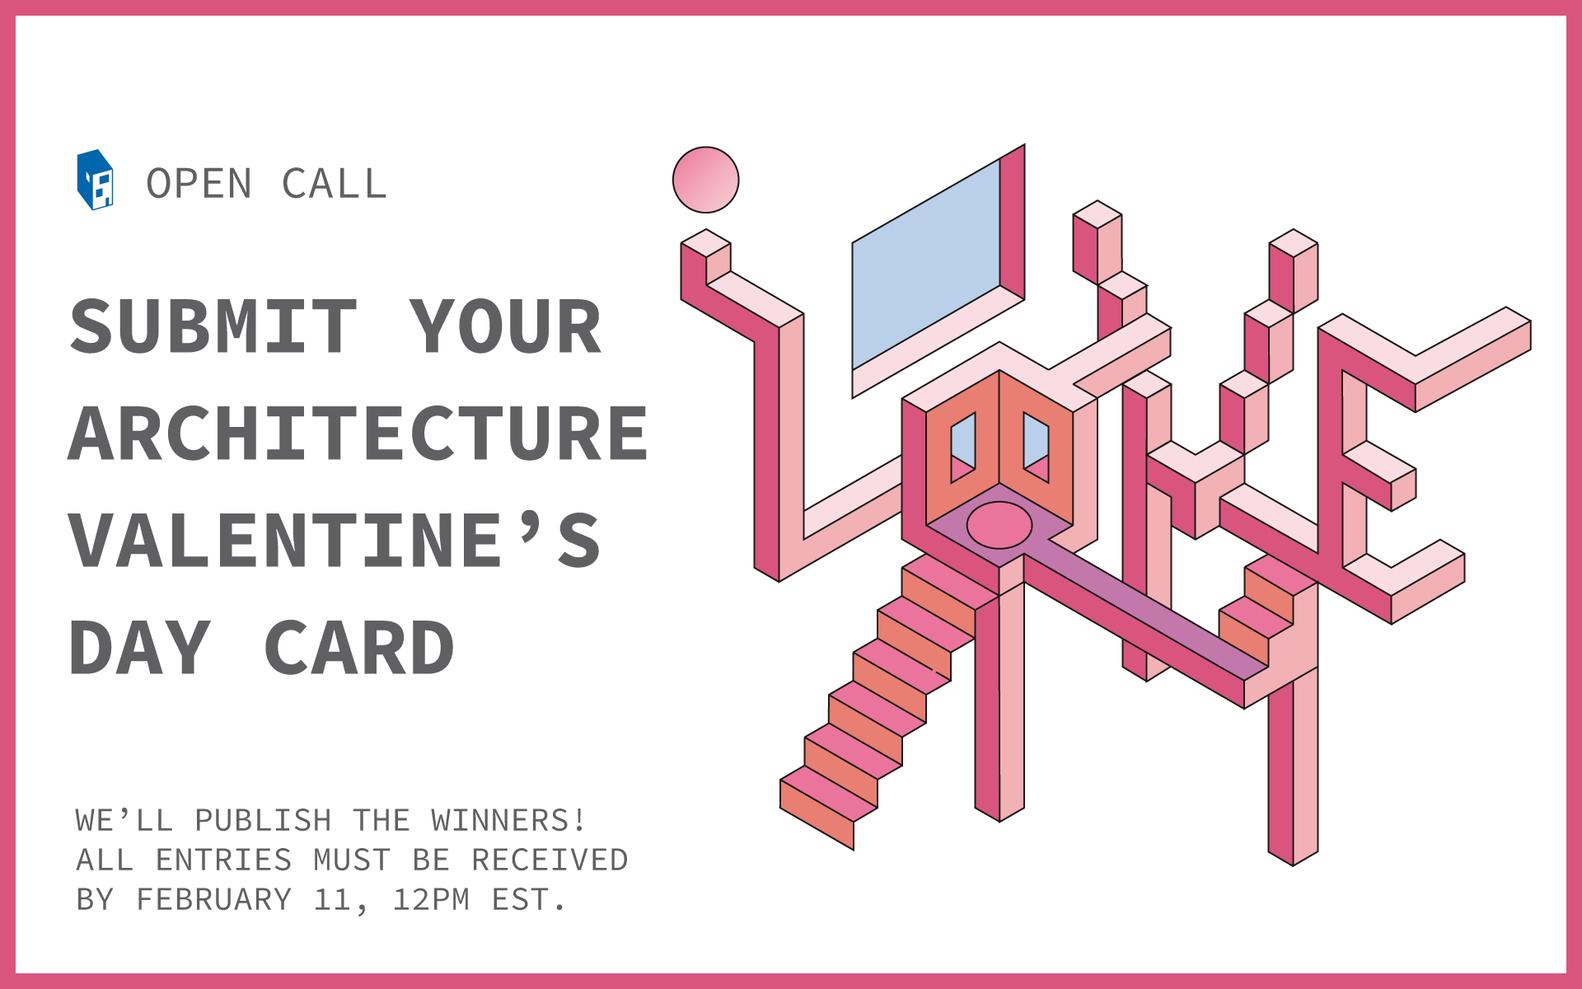 فراخوان مسابقه طراحی کارت روز ولنتاین 2019 با تِم معماری